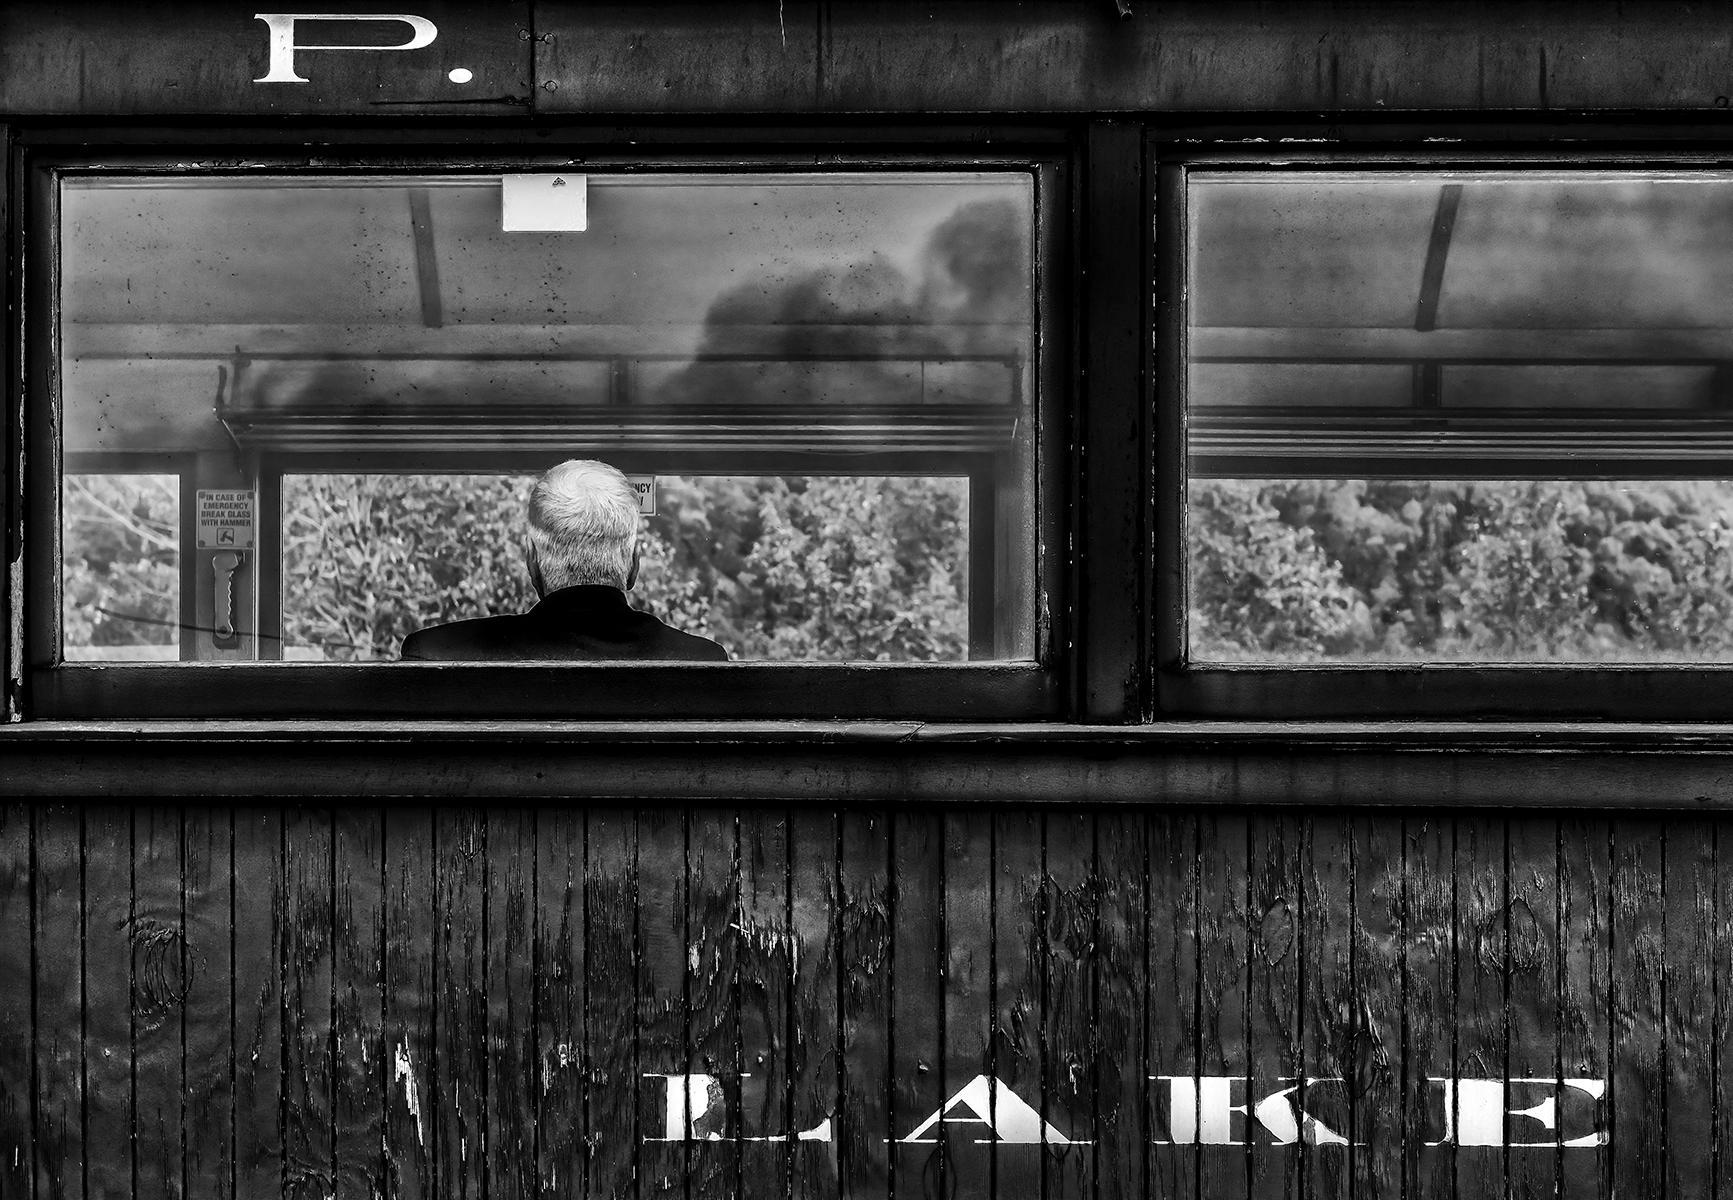 W. P. & Y. Rail